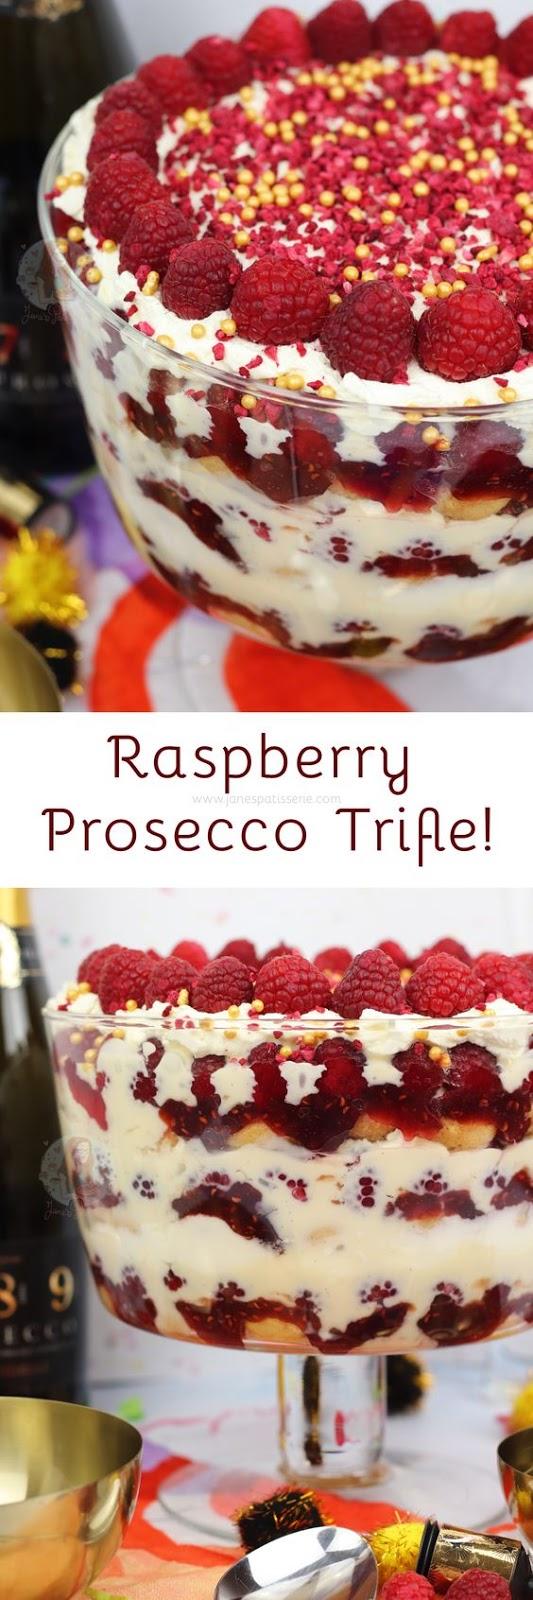 Raspberry Prosecco Trifle